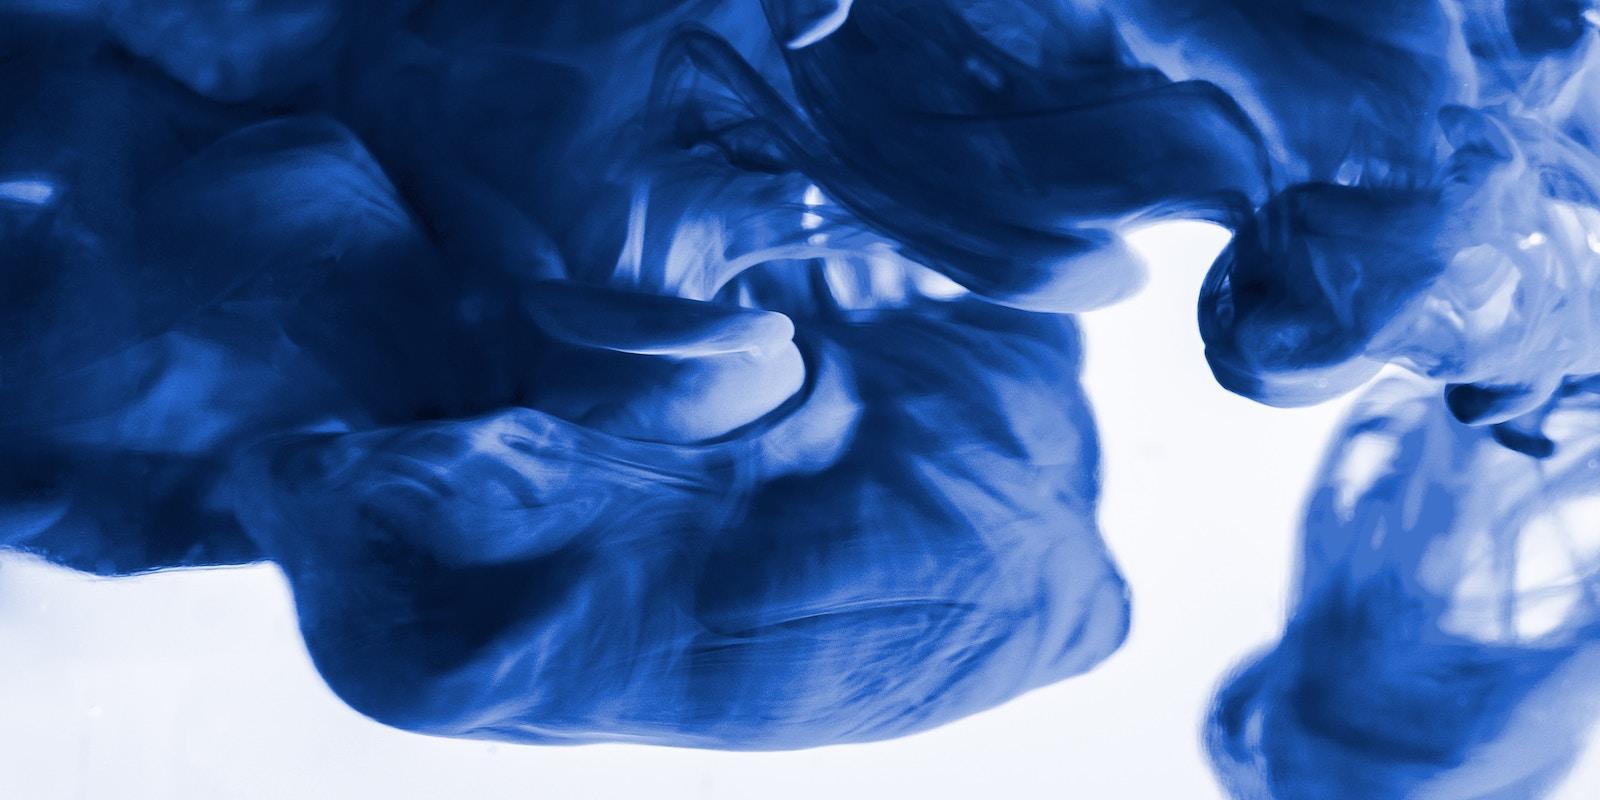 Můžete po předávkování koloidním stříbrem skutečně zmodrat?